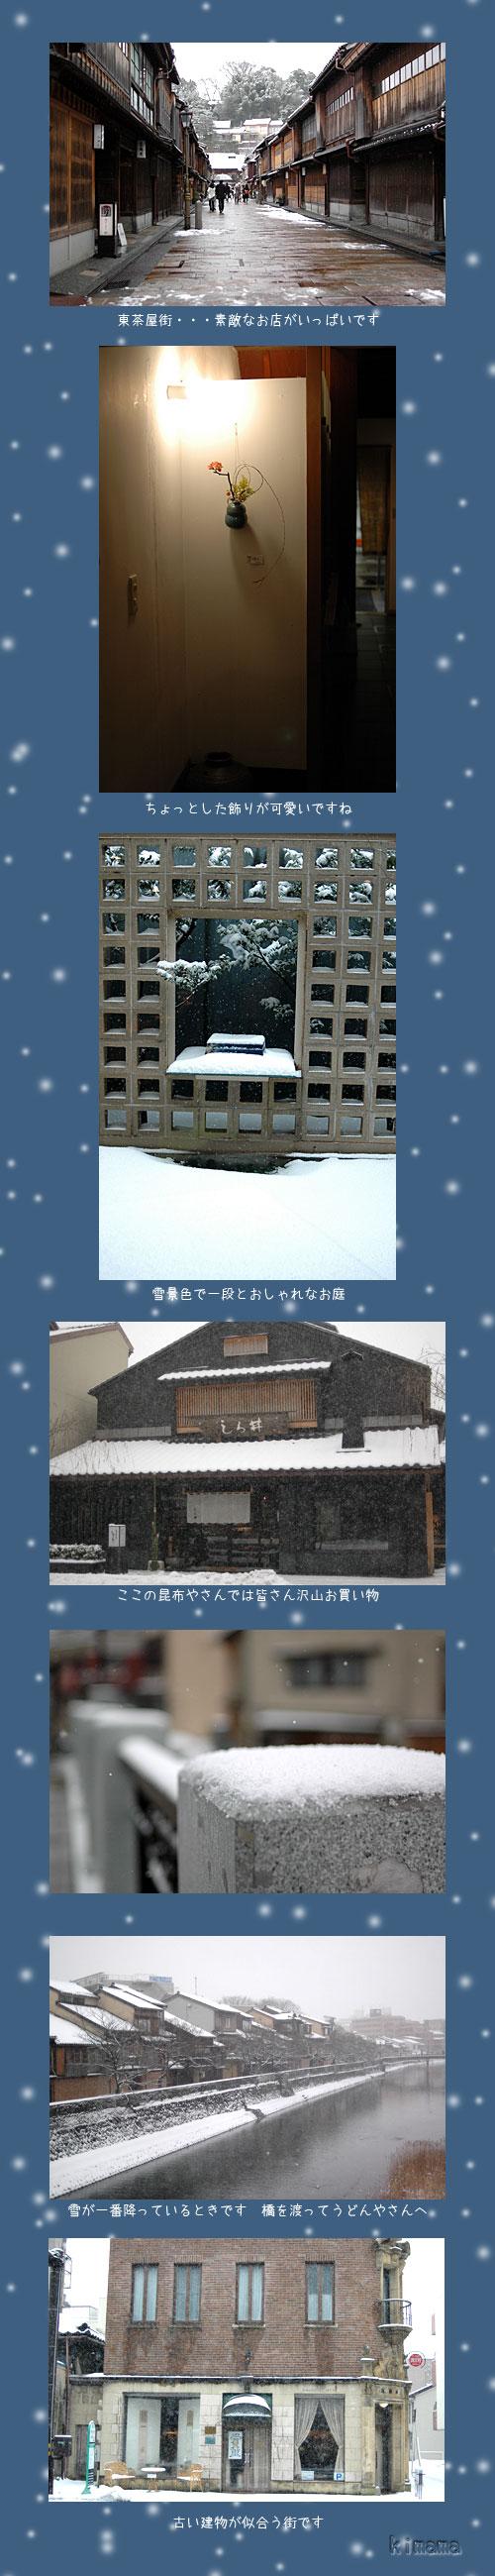 2月24日金沢3